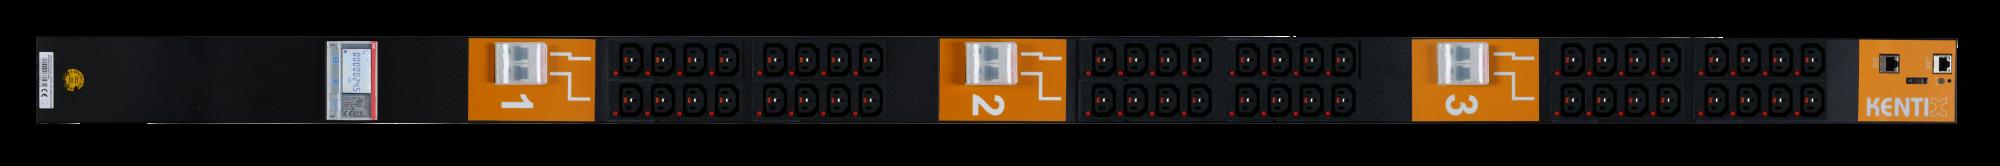 SmartPDU 40HE mit 48/C13-0/C19 (IEC60320), 1-phasig 32A mit RCM